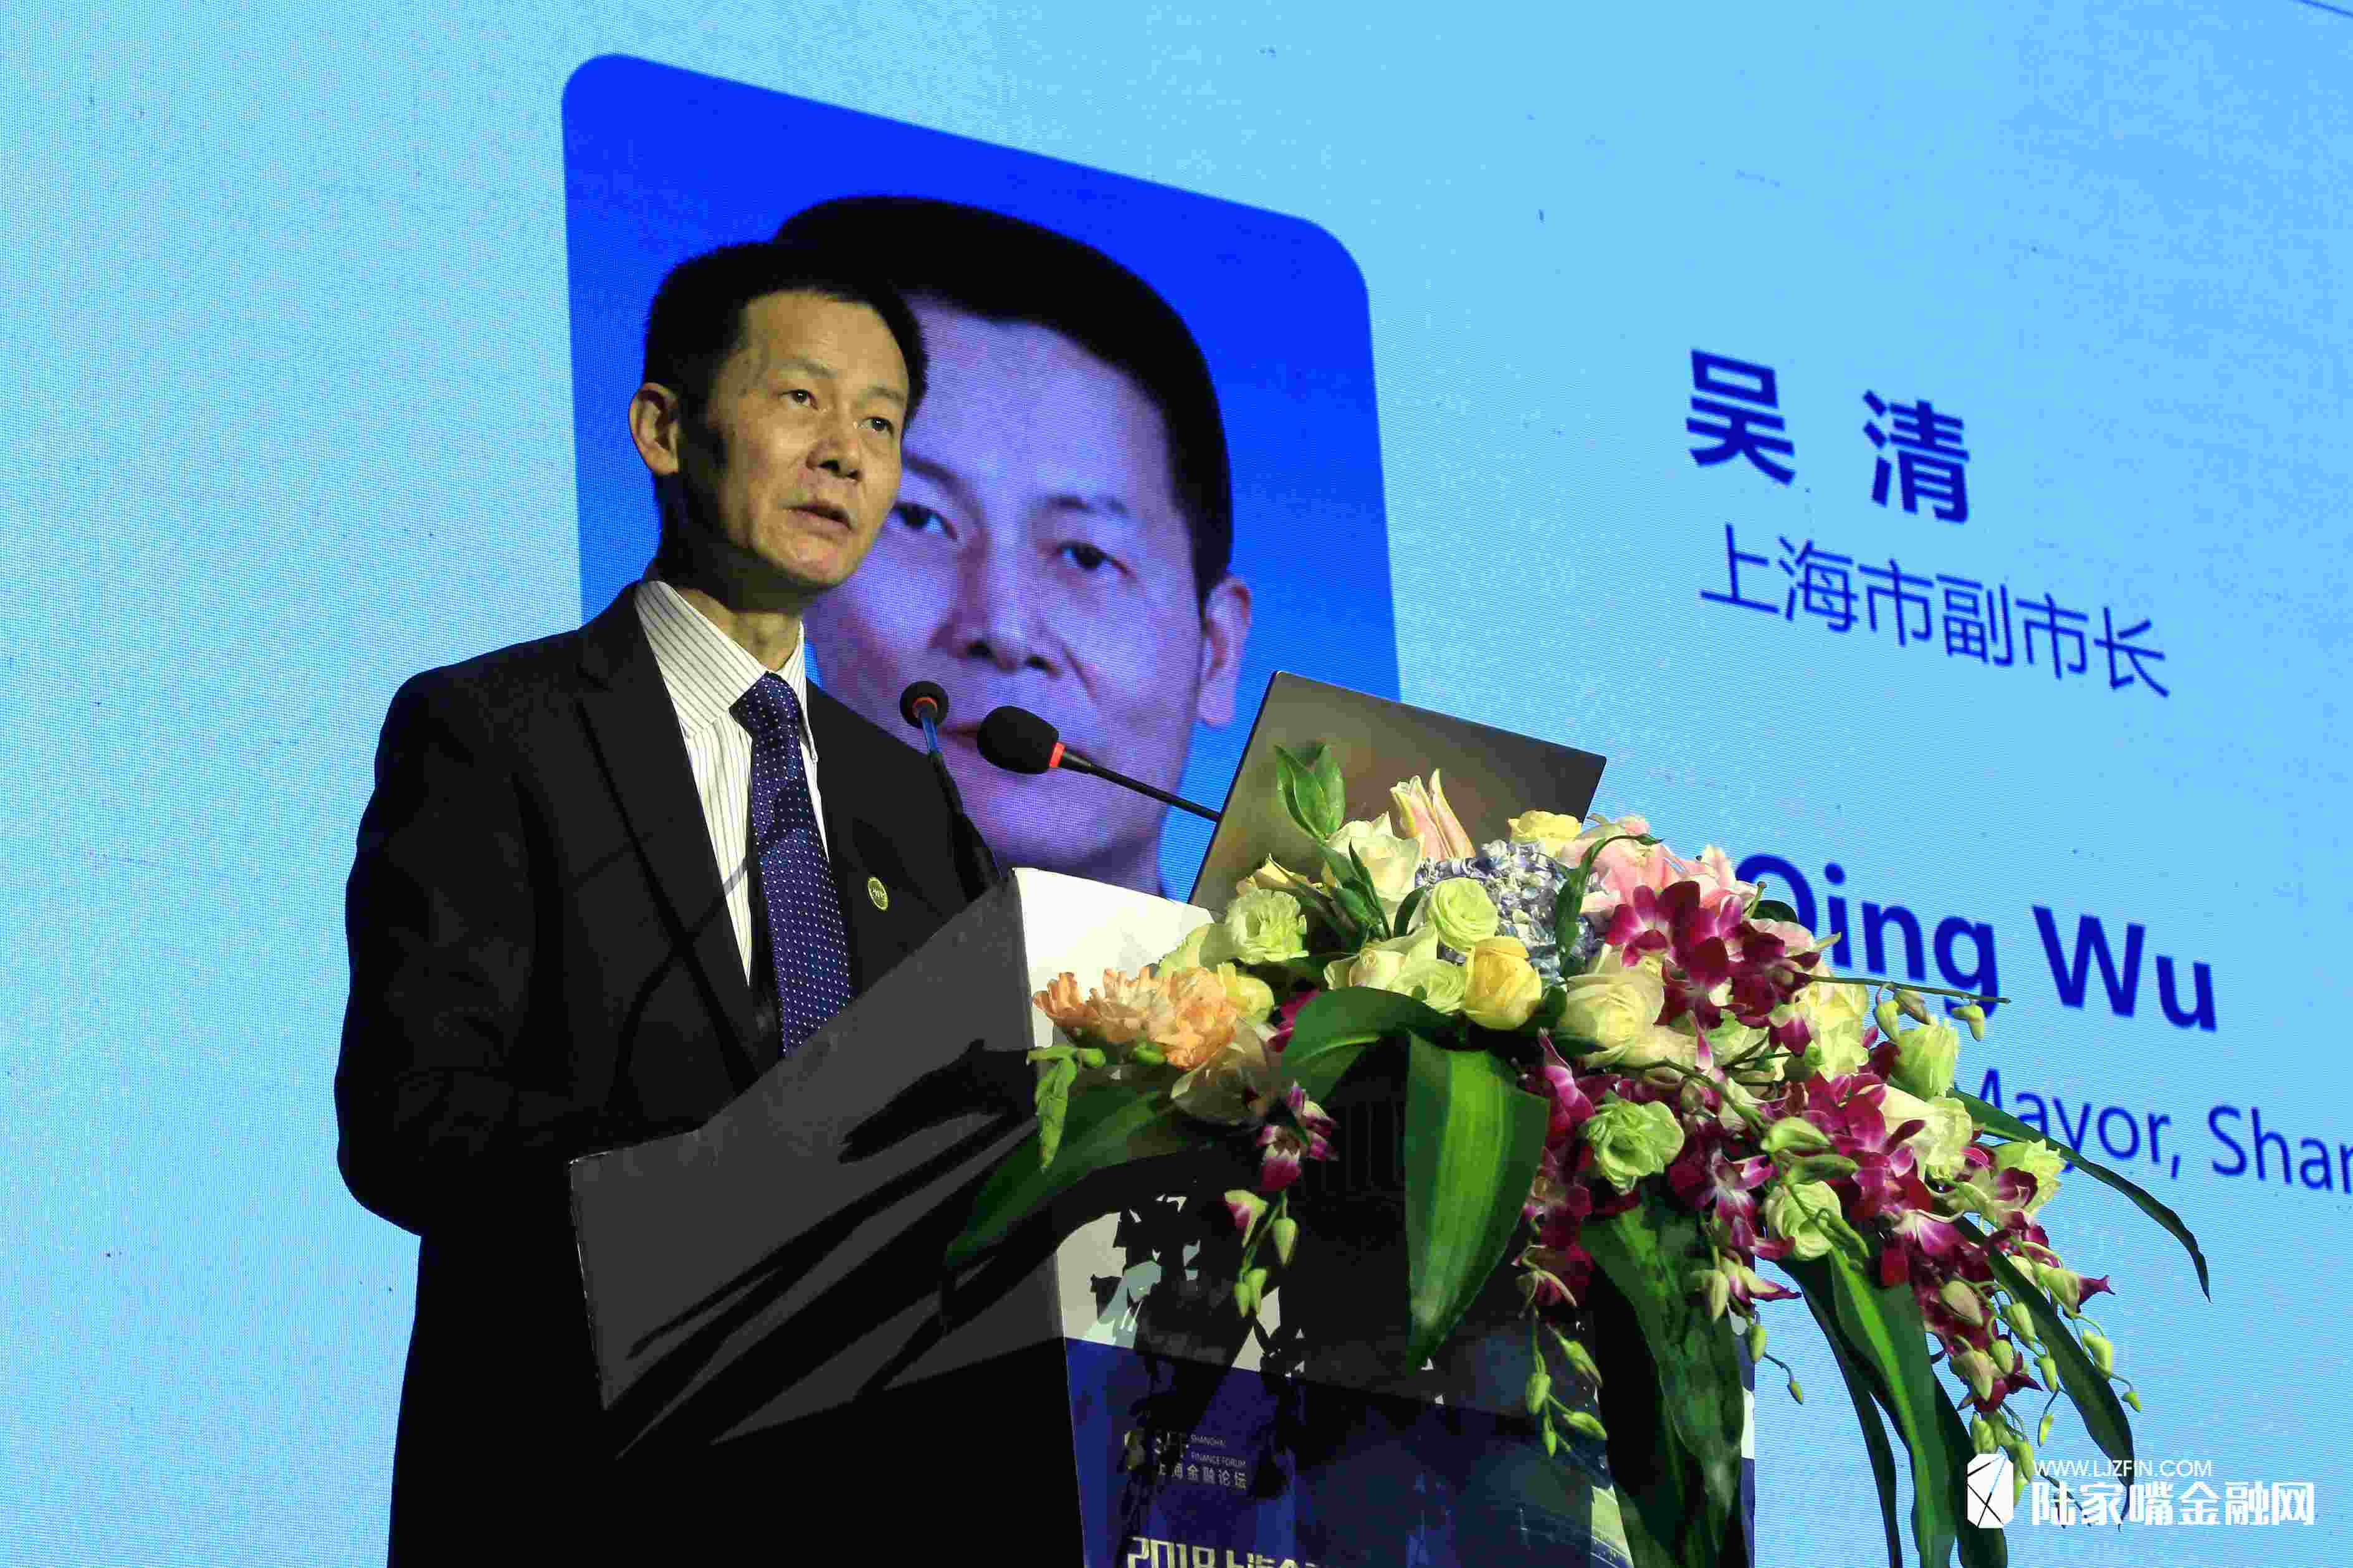 上海市副市长吴清:上海将进一步扩大金融对内对外开放